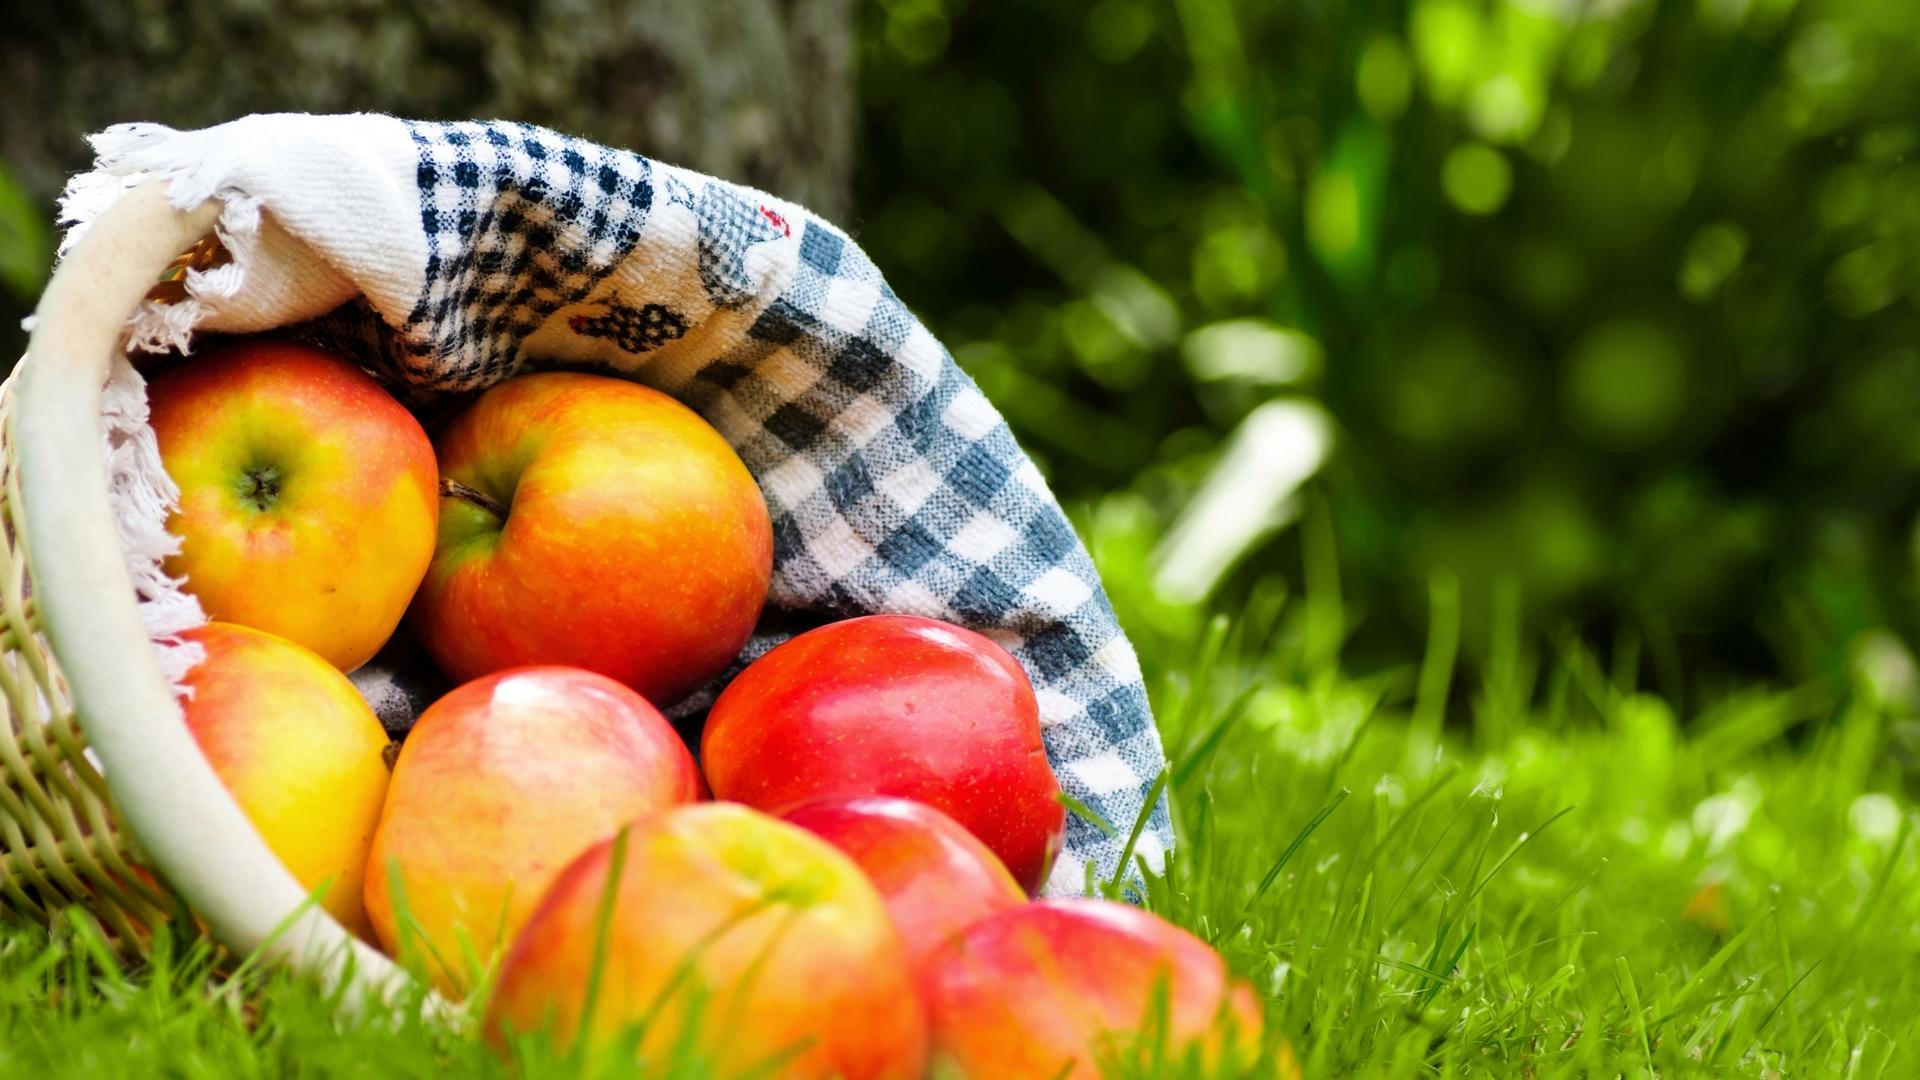 яблоки, фрукты, урожай